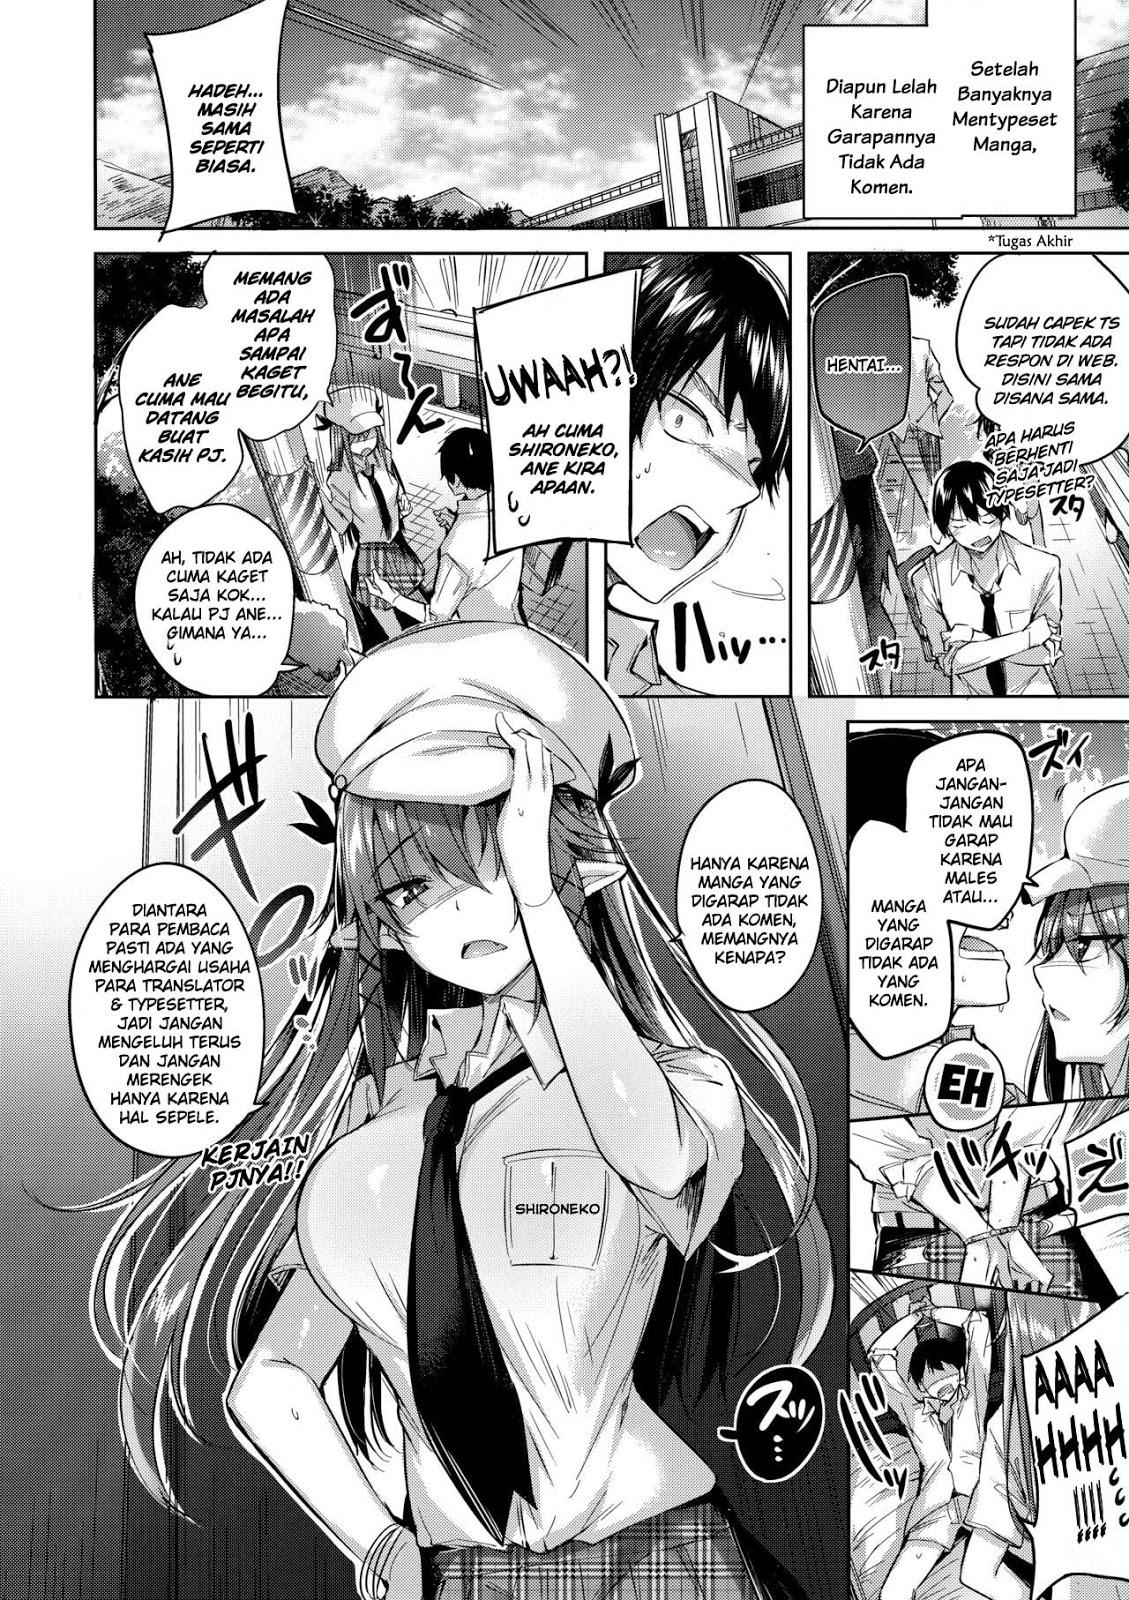 Komik Nidome no Jinsei wo Isekai de Chapter 33.2 gambar 33